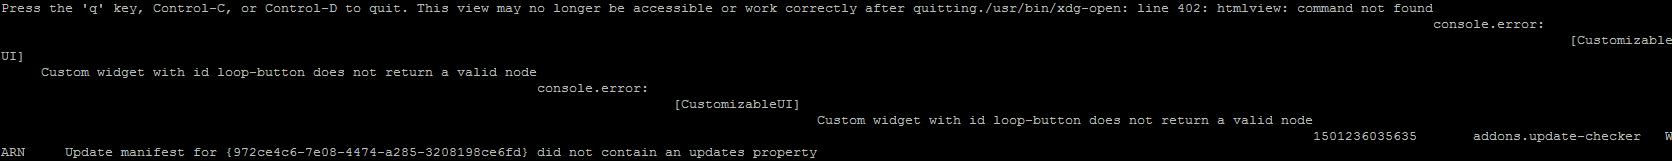 科学网—QIIME2在Linux环境下使用遇到的问题- 肖斌的博文